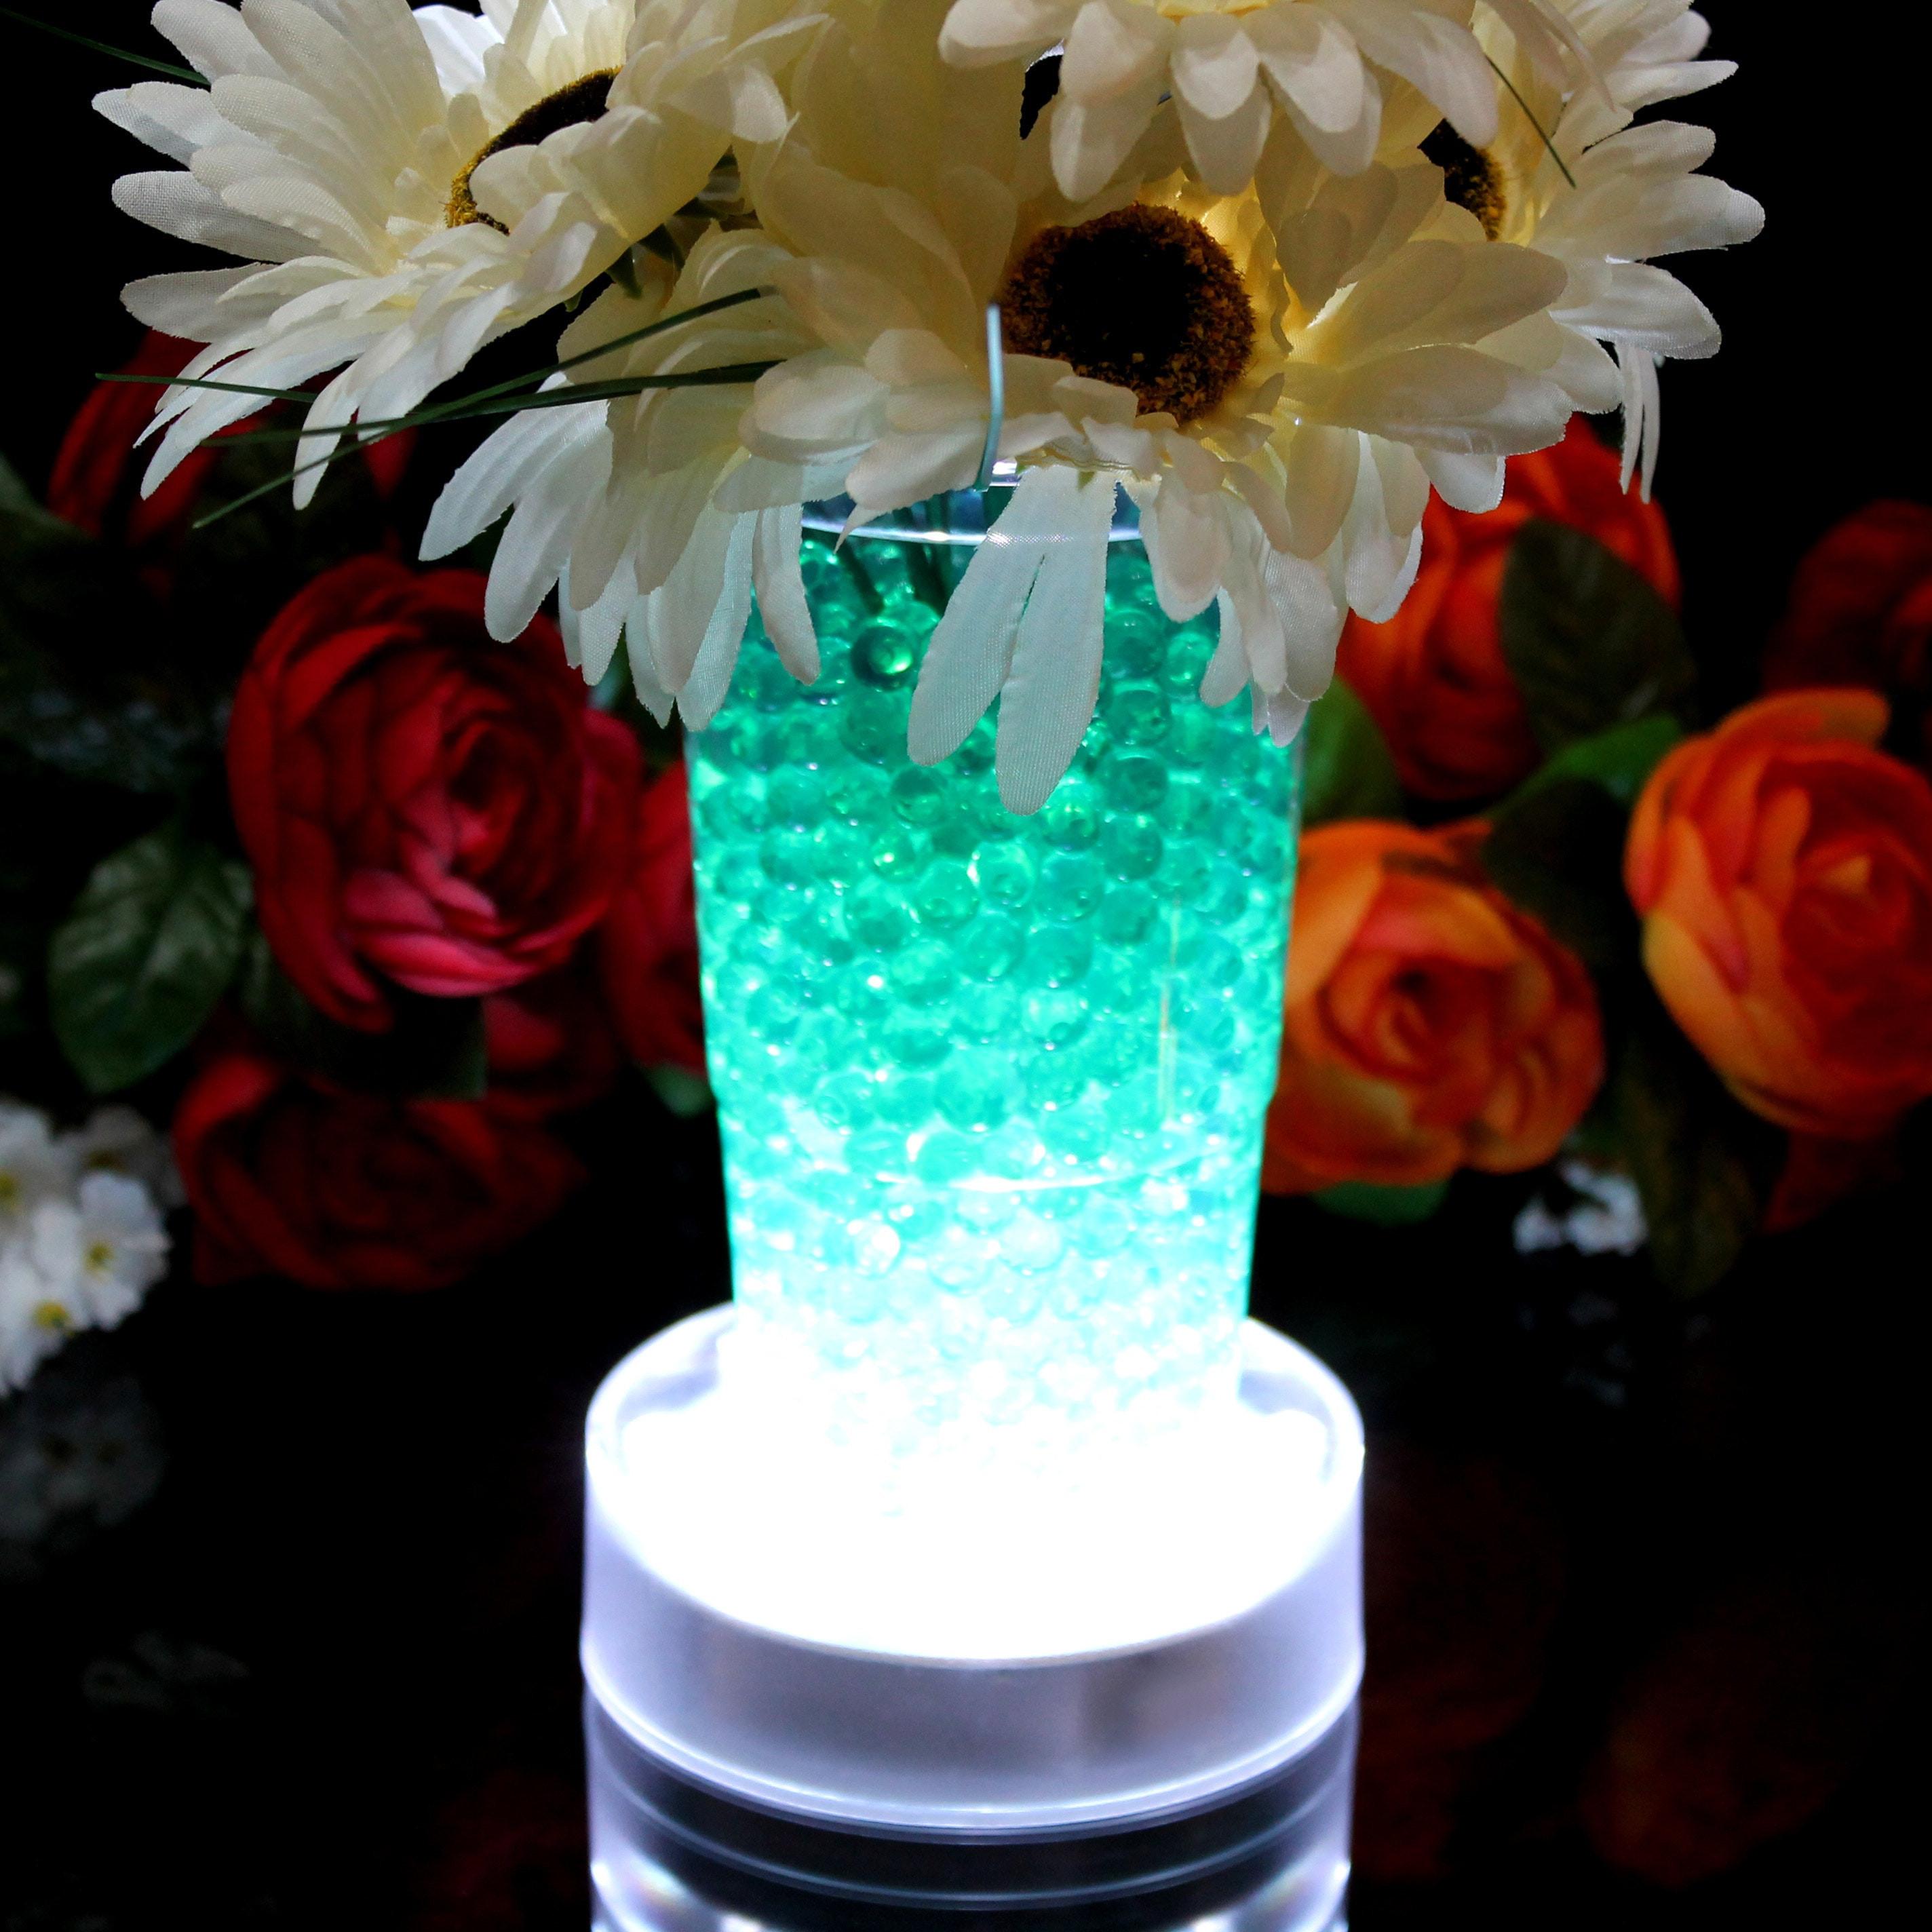 round flower vase of 17 beautiful led flower floor lamp wonderfull lighting world throughout led flower floor lamp inspirational img 2330 1h vases led bases for 18cm round light base